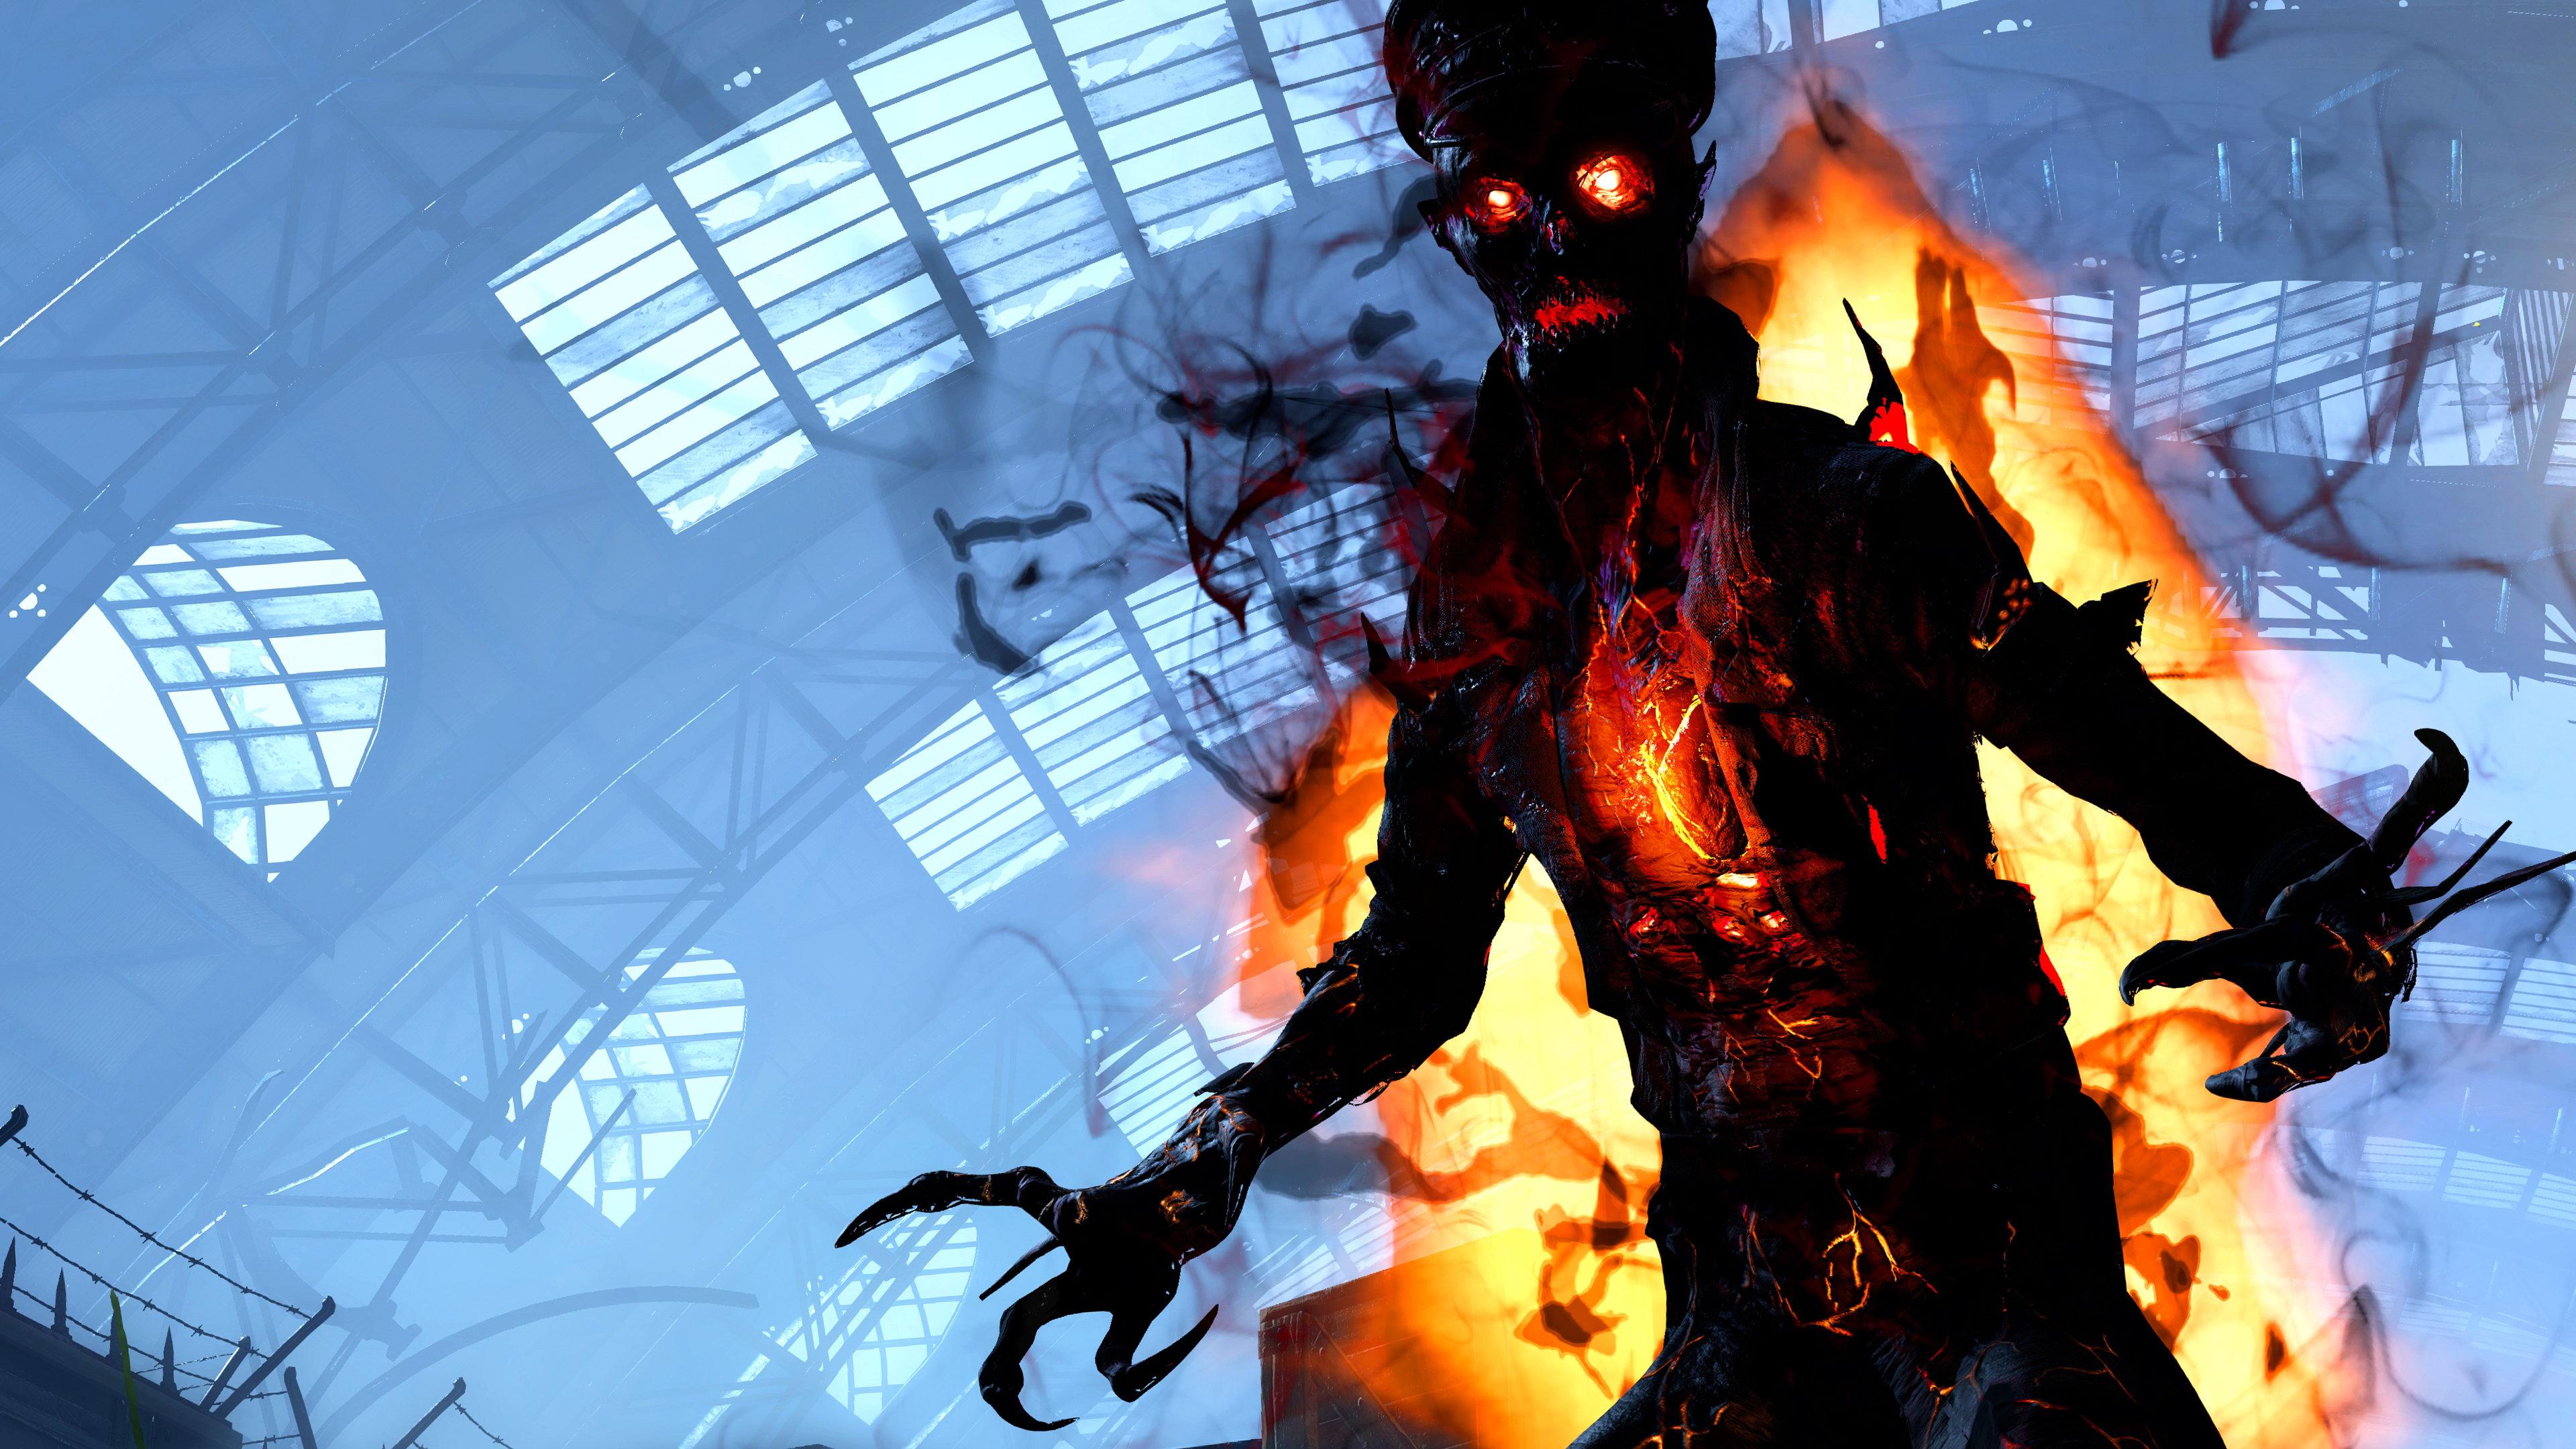 《僵尸部队4:死亡战争》新预告 PC版2020年2月4日发售